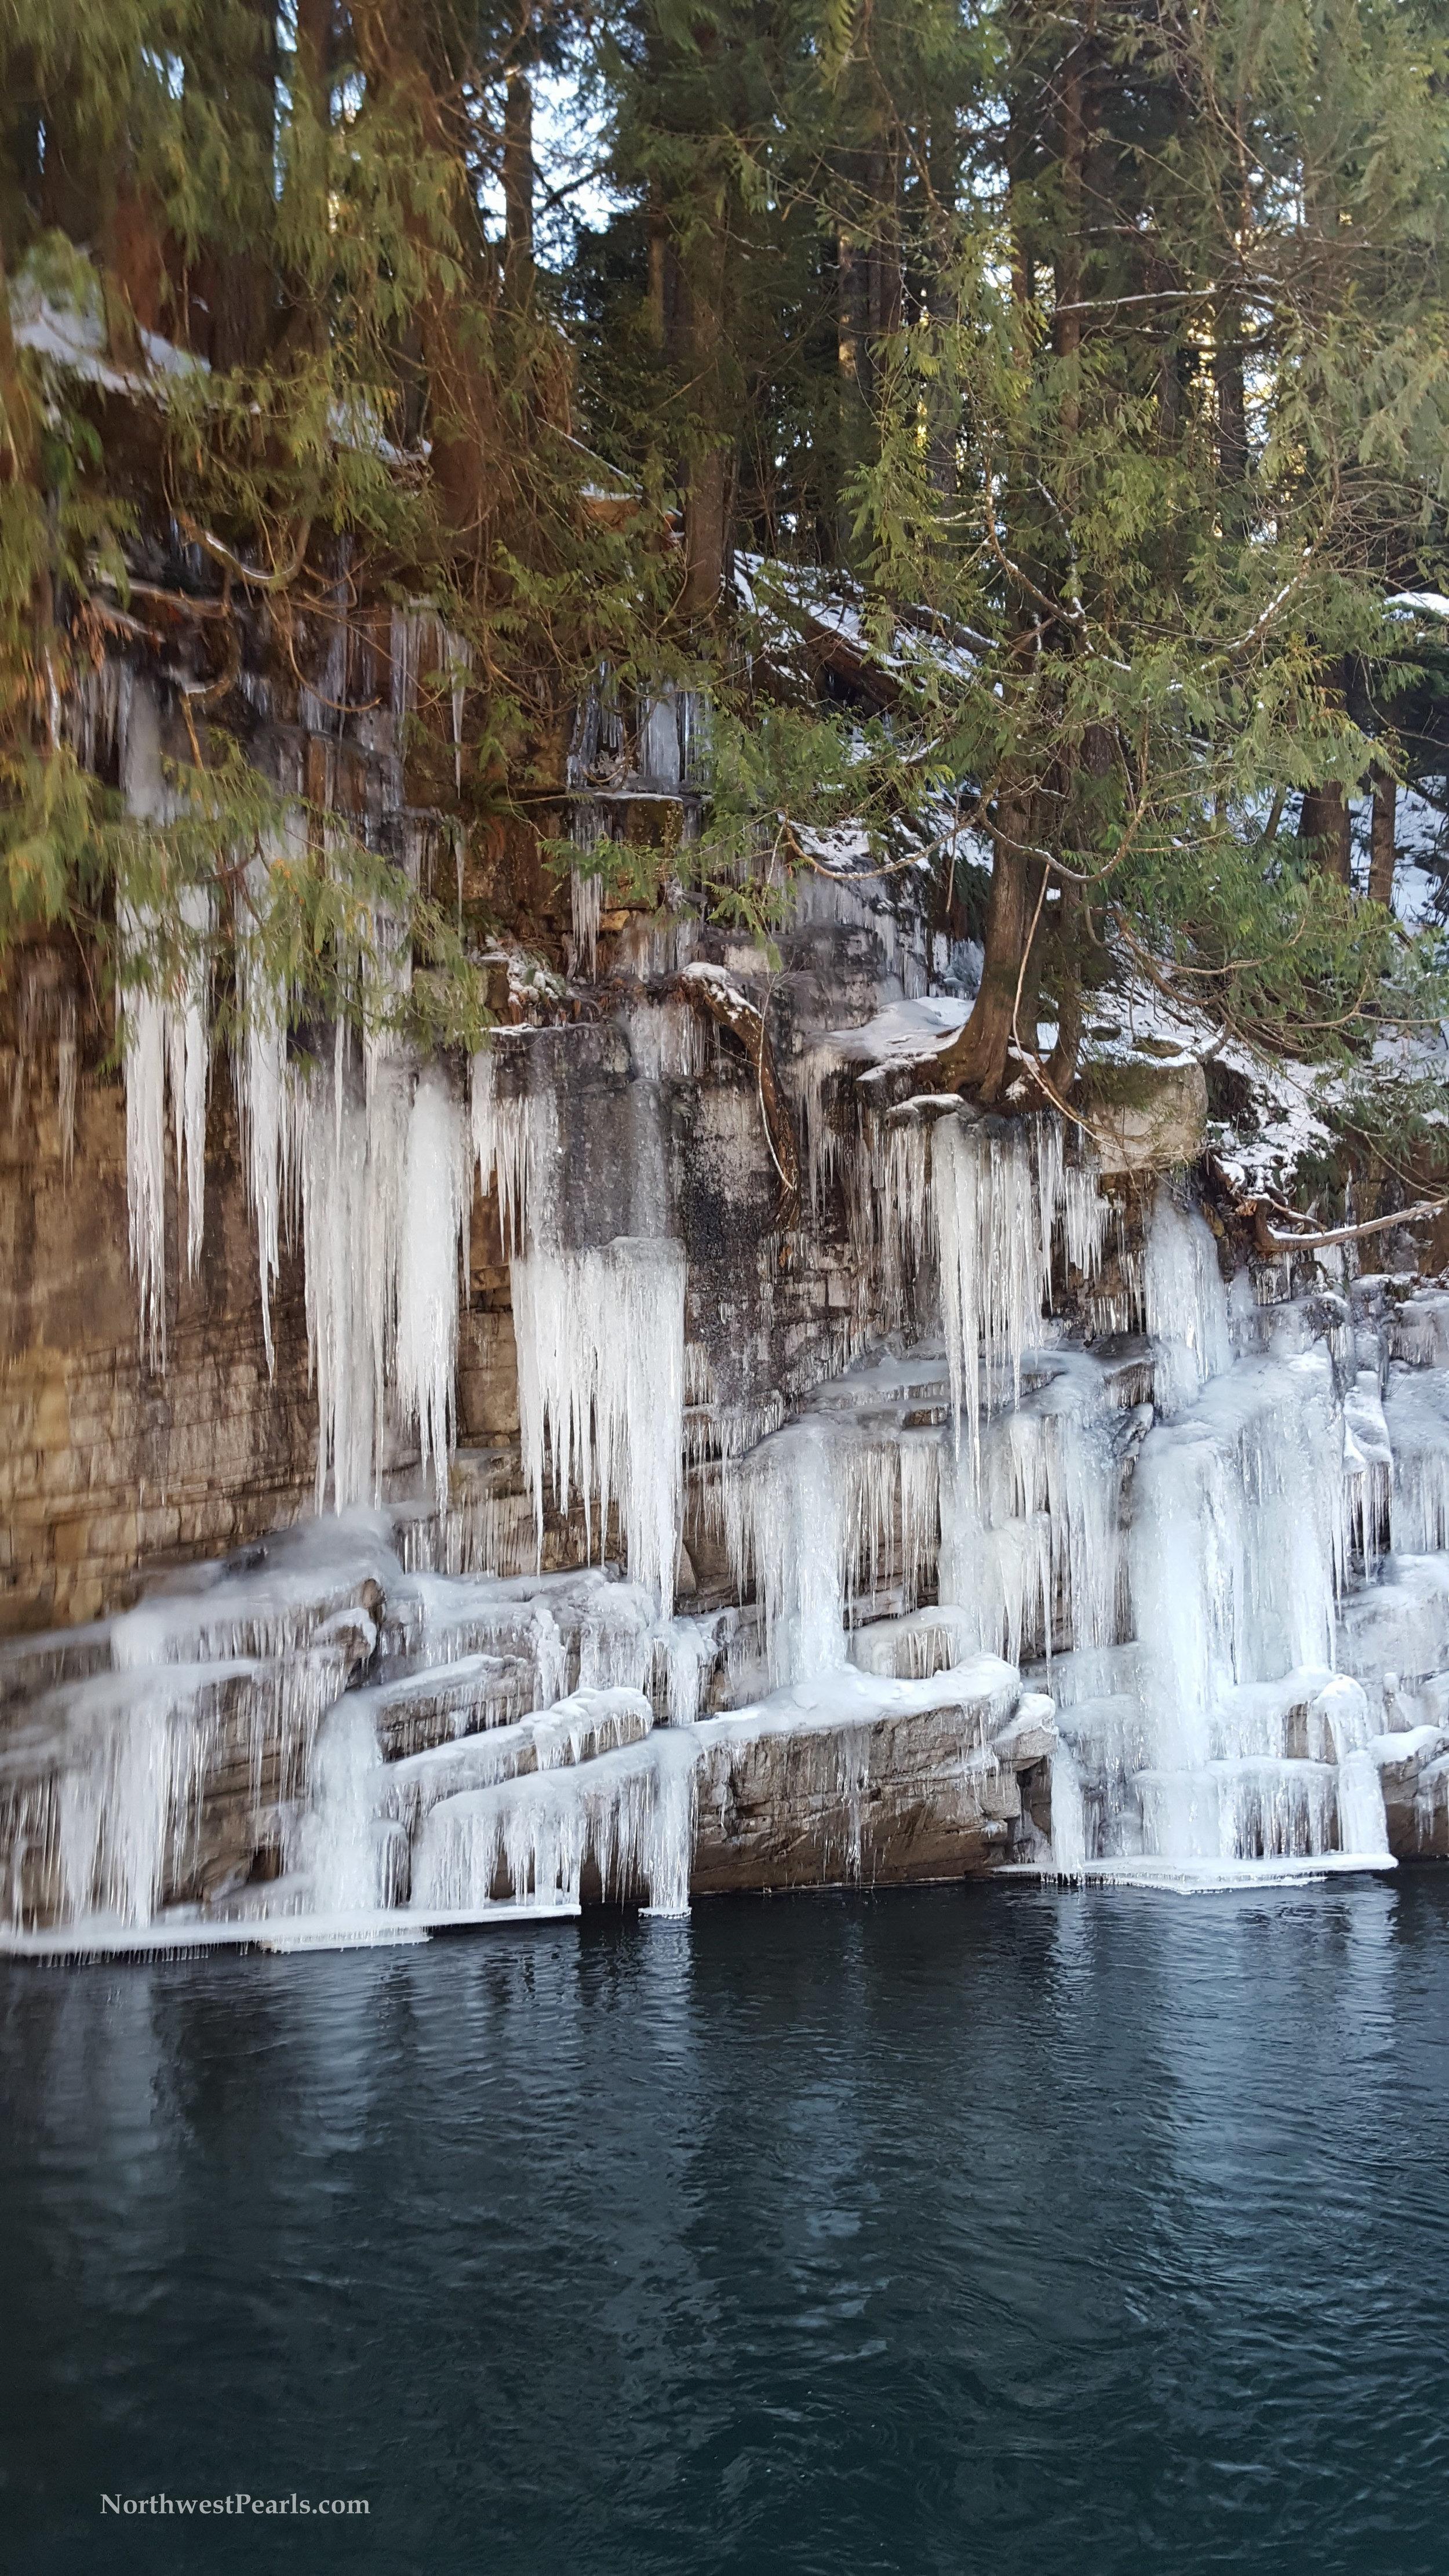 Northwest Pearls: Lake Wenatchee